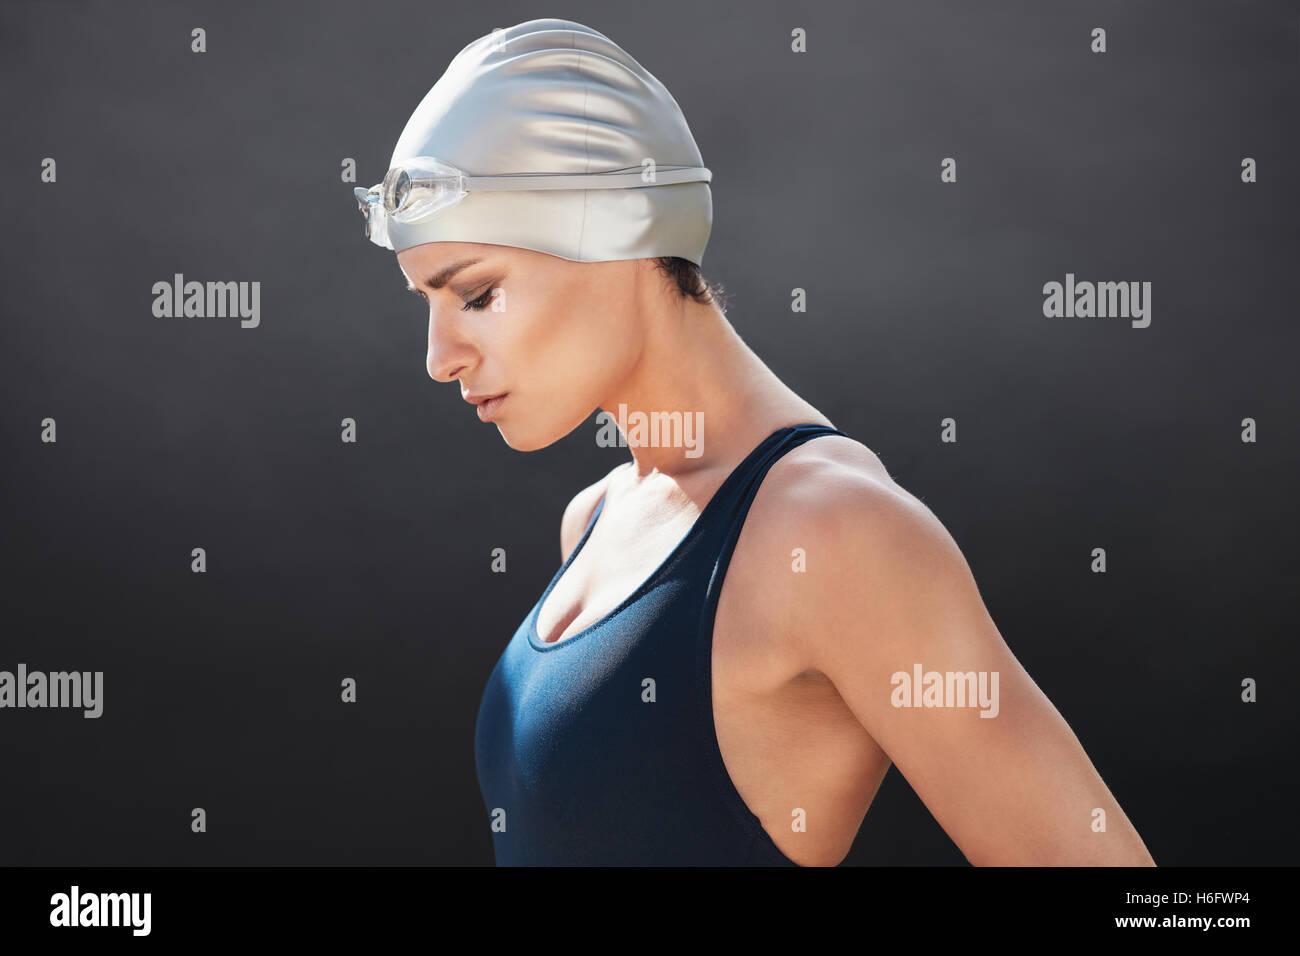 Vista lateral del monte joven nadador sobre fondo negro. Fitness mujer en traje de baño de concentración. Imagen De Stock